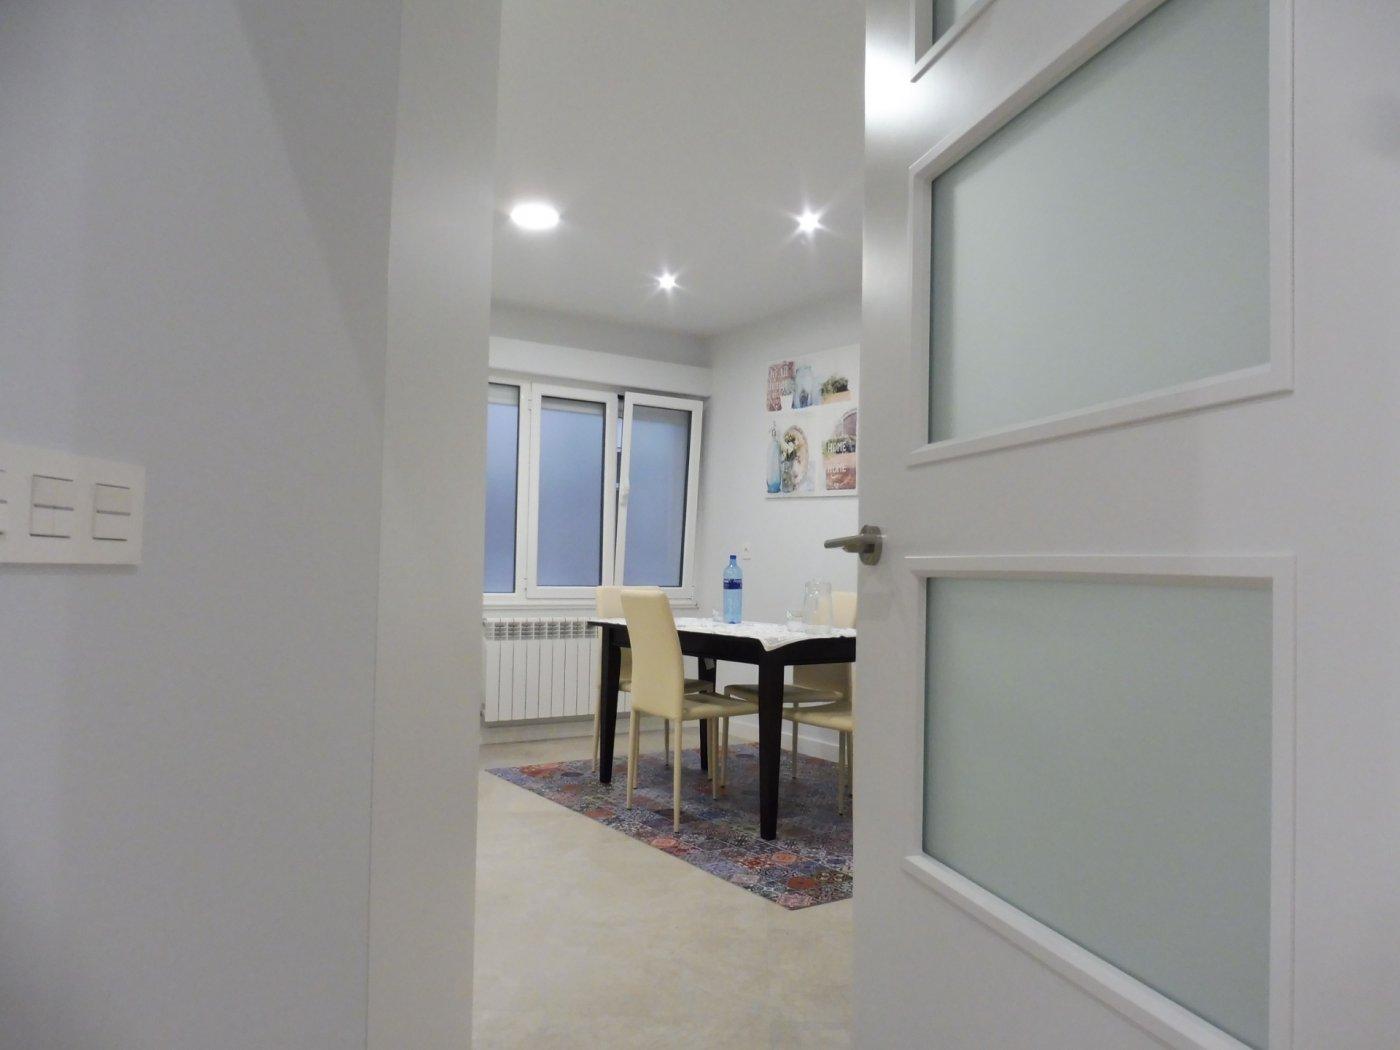 Estupendo piso en el centro - imagenInmueble3